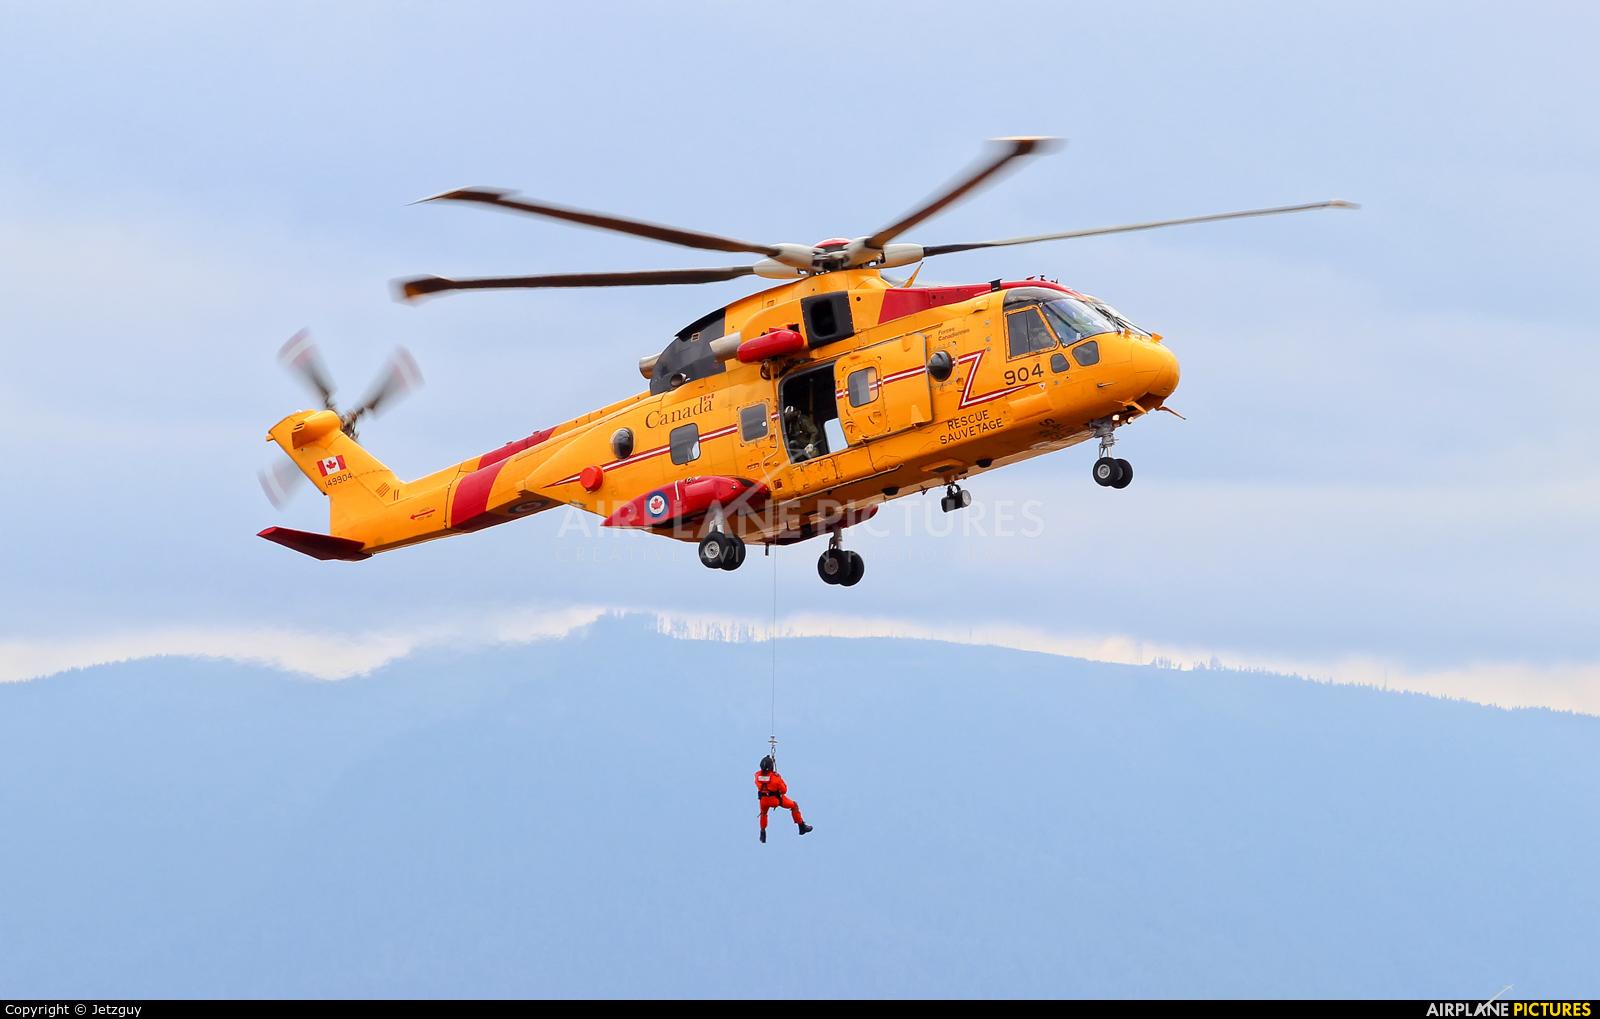 Canada - Air Force 149904 aircraft at Abbotsford, BC